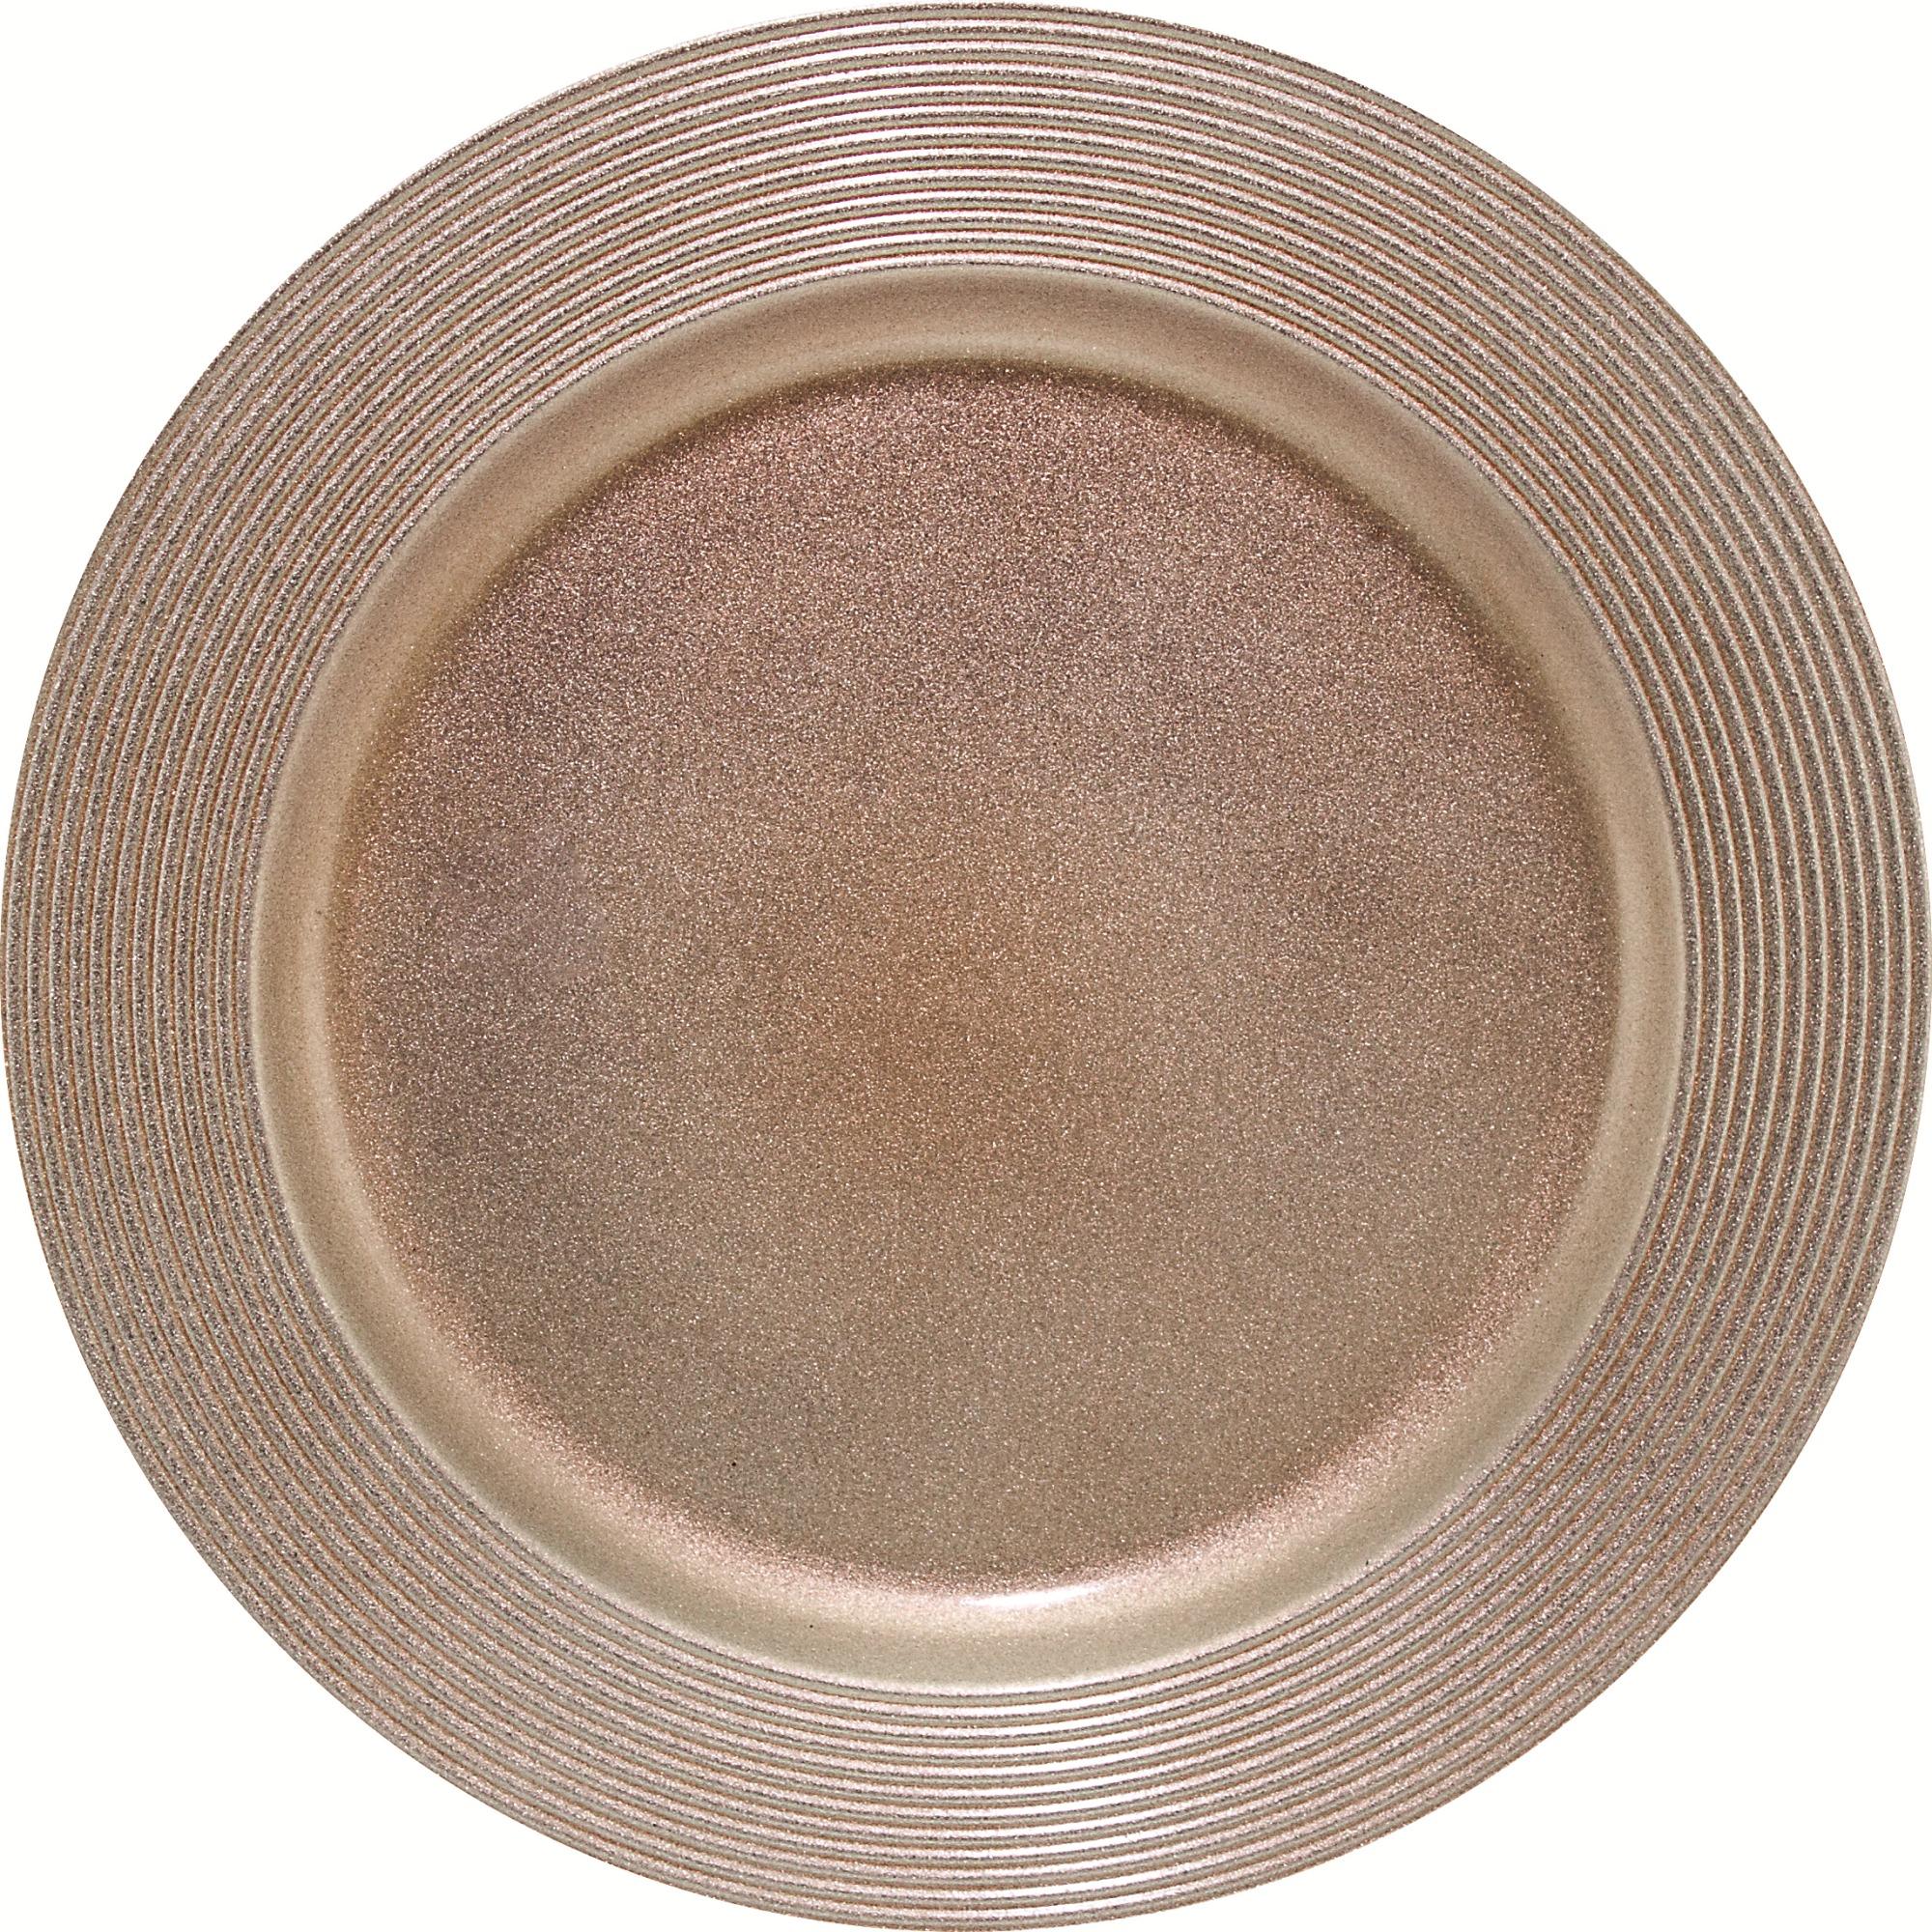 Sousplat Redondo Plastico 33cm Bronze - Mimo Style